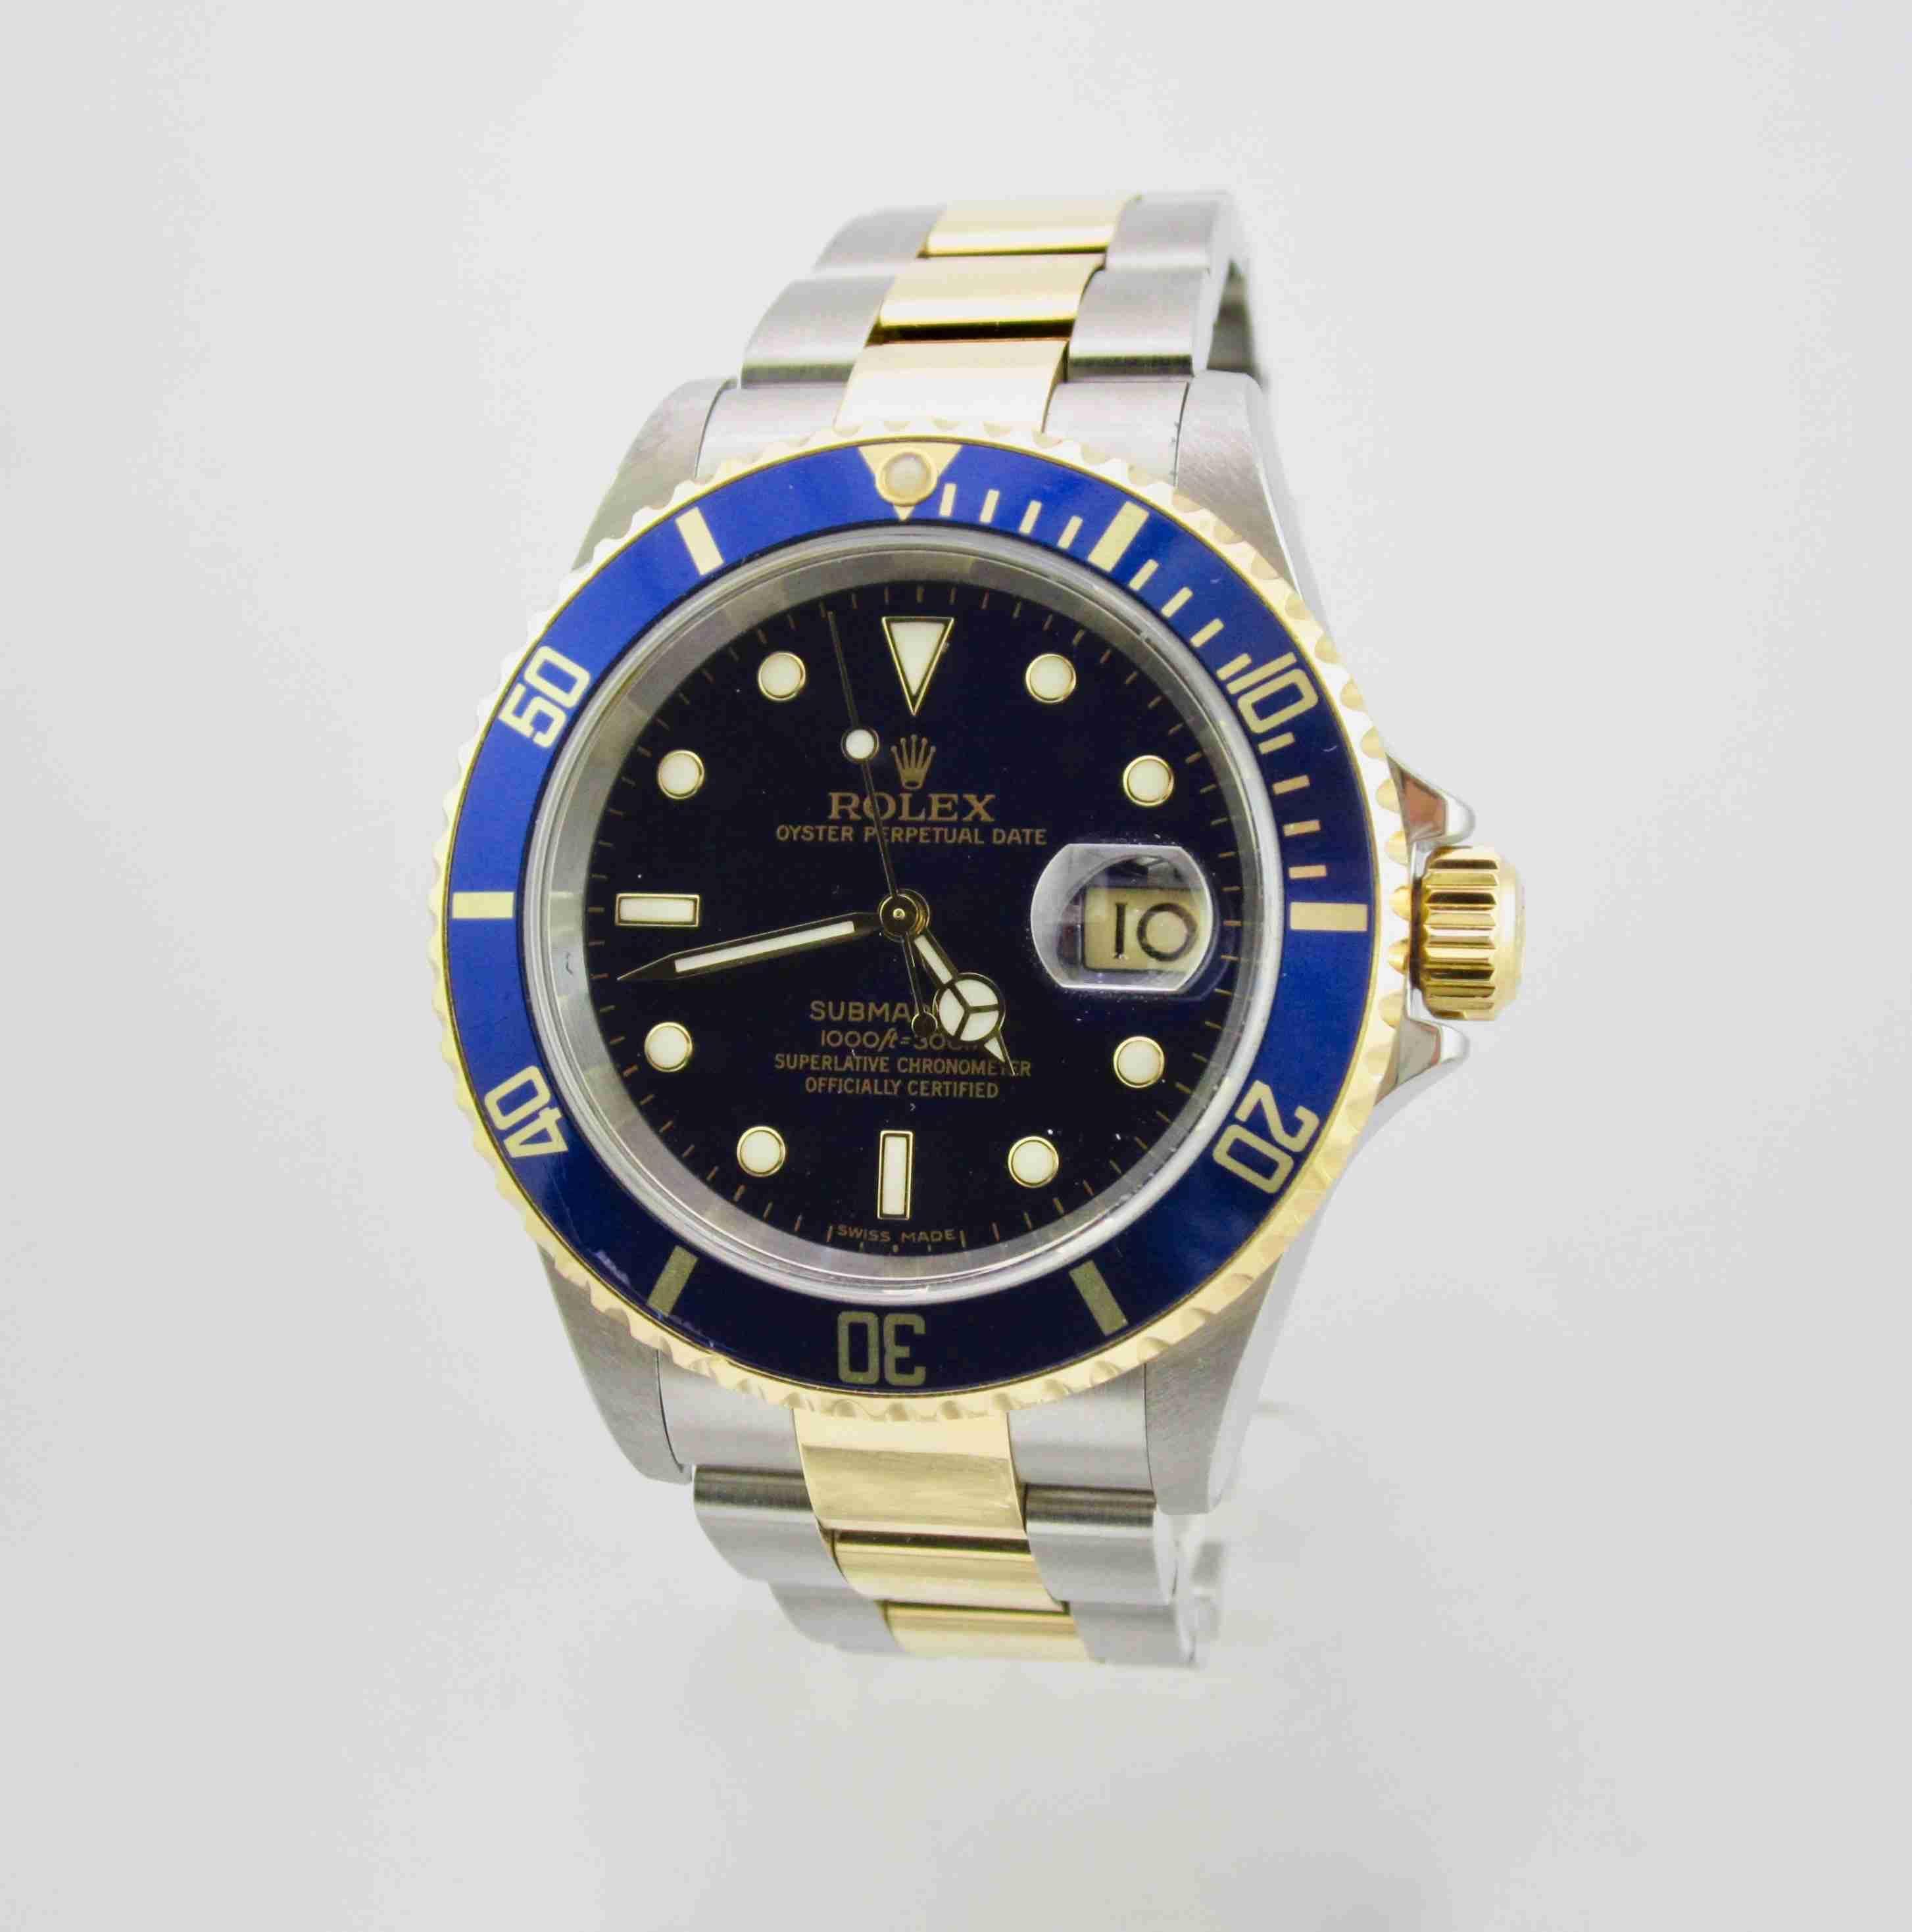 metà fuori 8b9d4 44a33 Rolex: Gli orologi di lusso senza tempo - Cimafonte Orologi